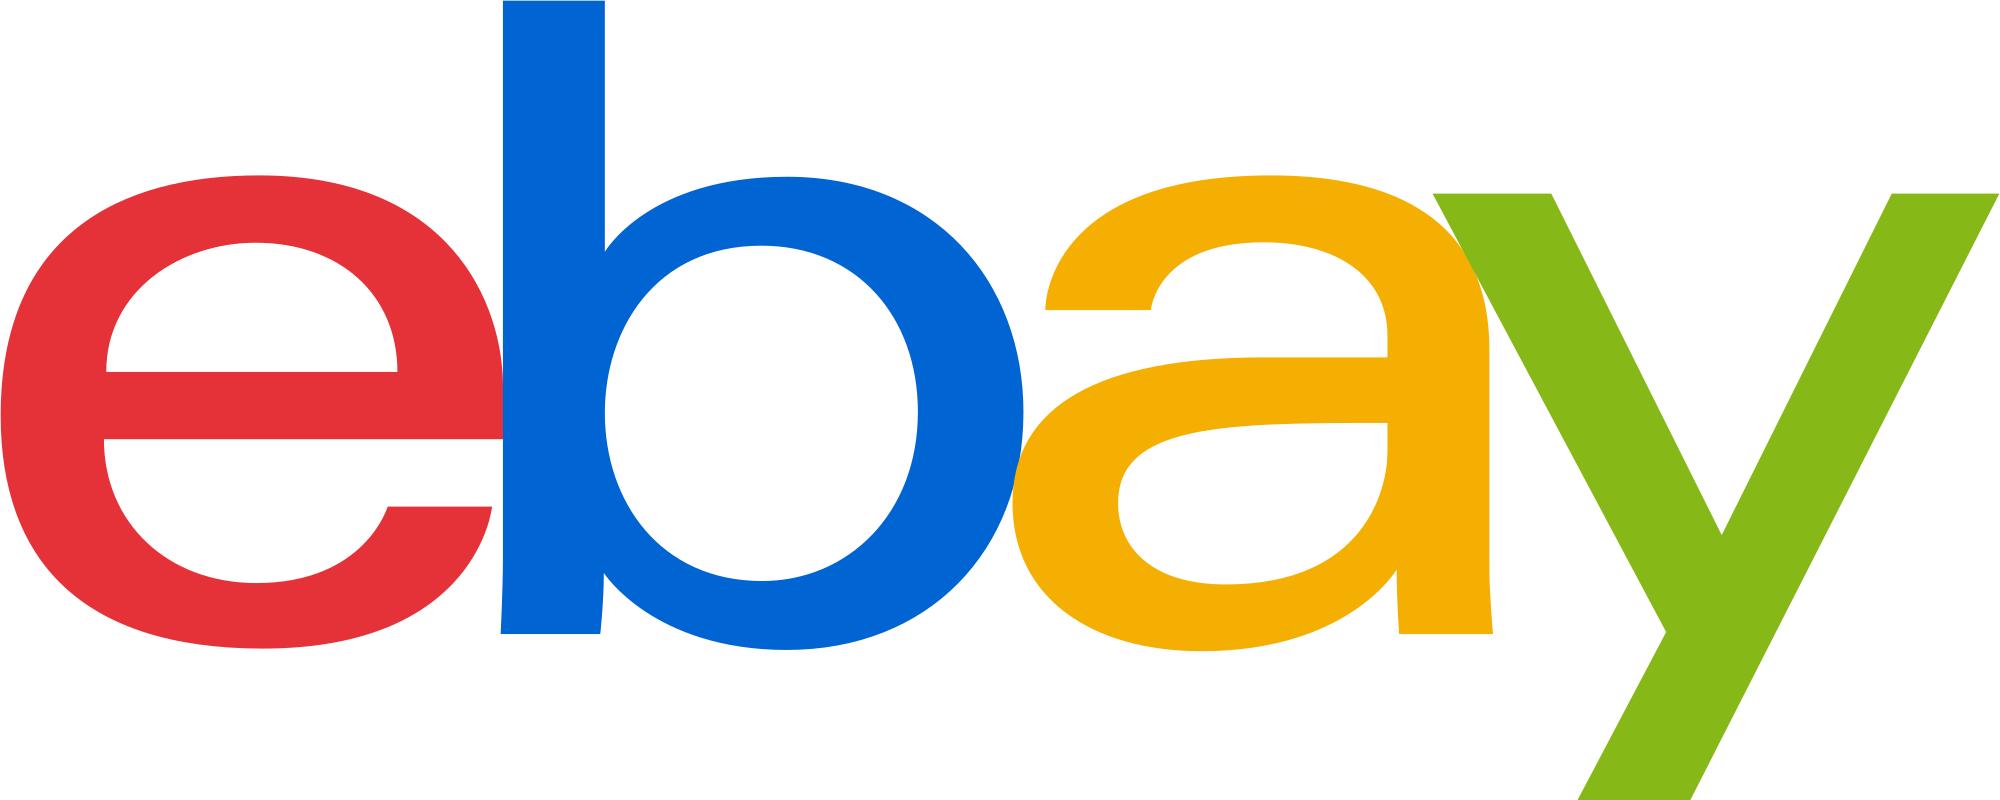 [eBay] *Vorankündigung ab 23.08.* 30% Rabatt auf den günstigsten Artikel (ausgewählte Kategorien)